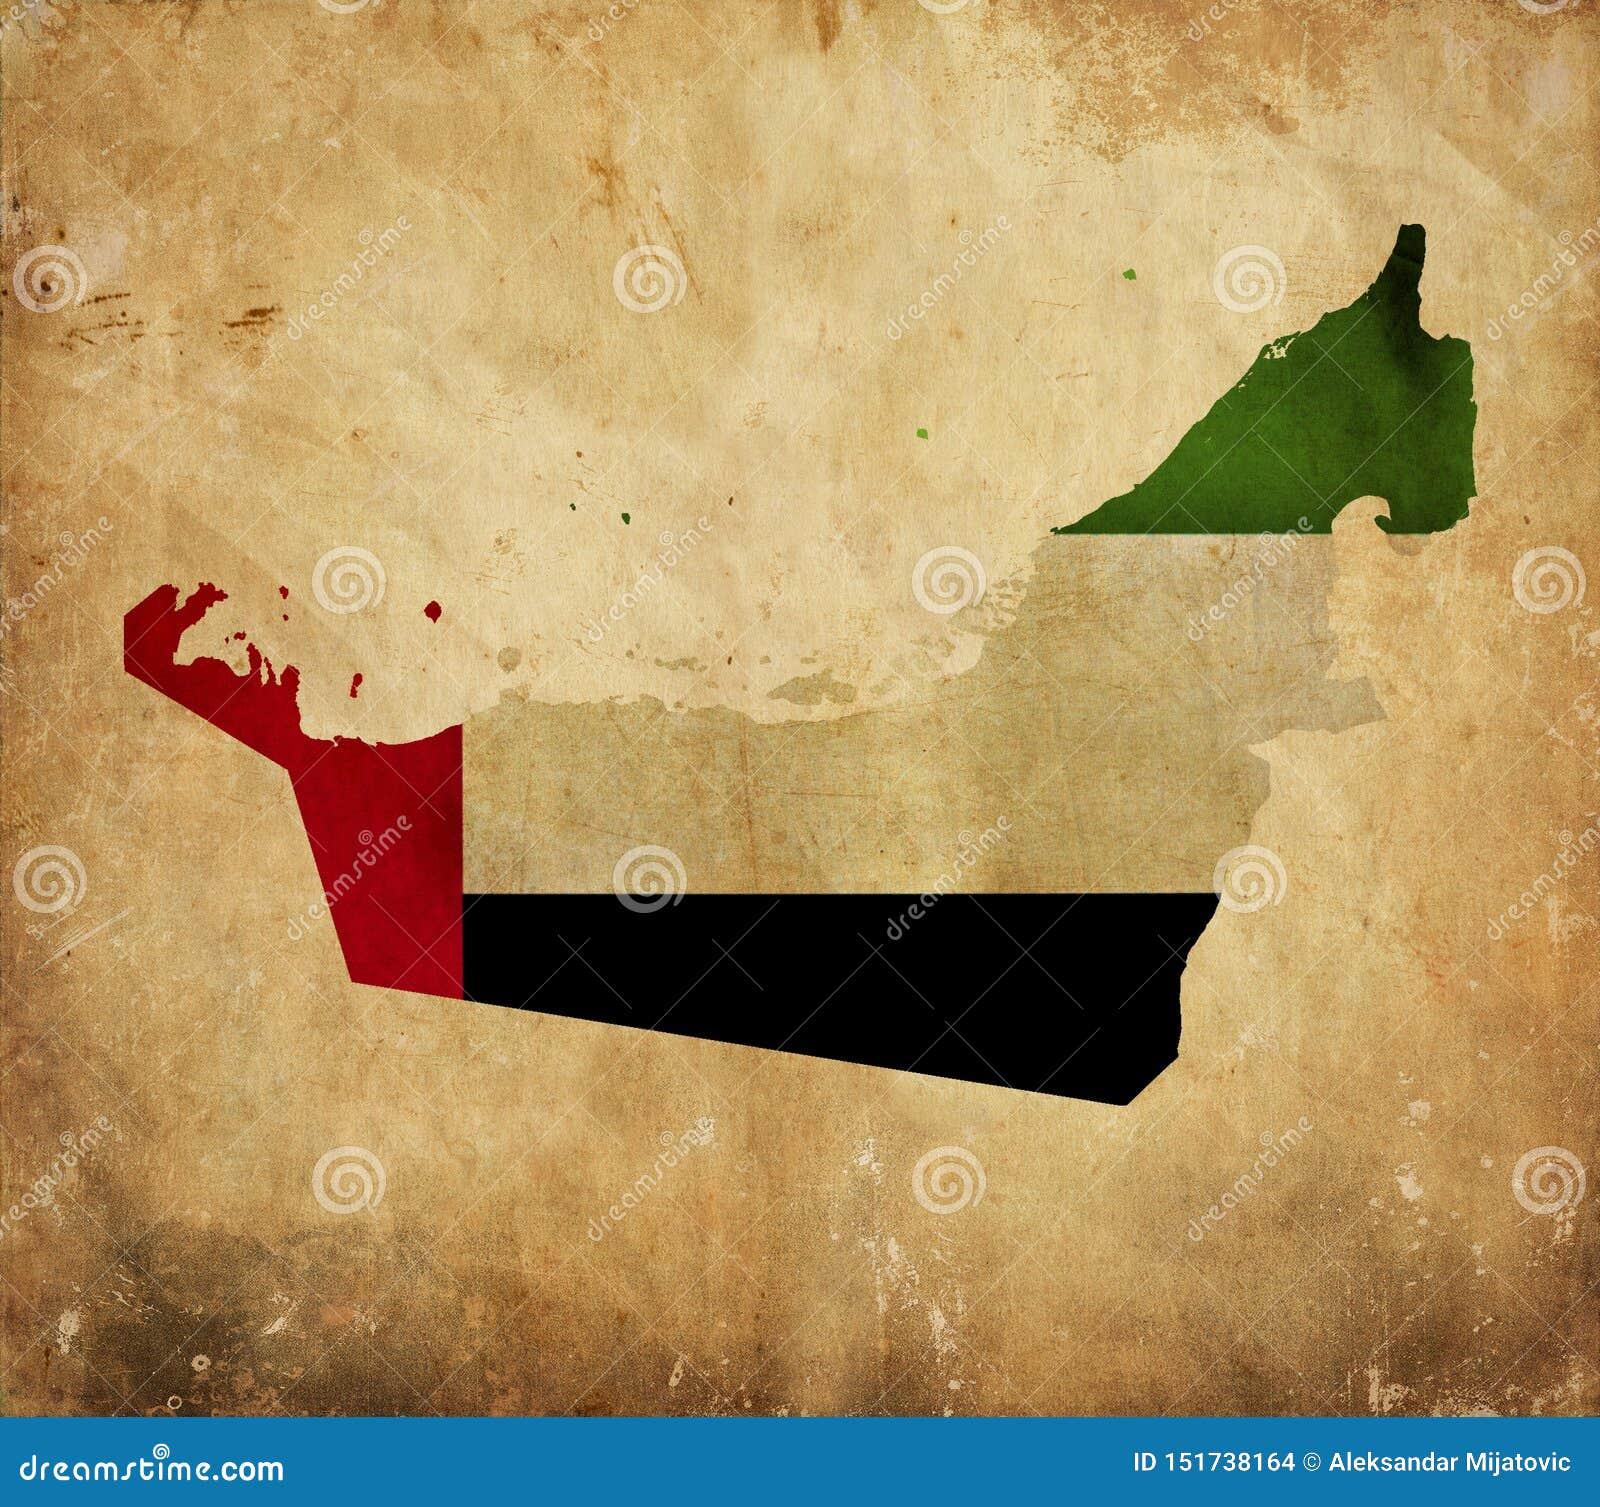 Винтажная карта Объениненных Арабских Эмиратов на бумаге grunge